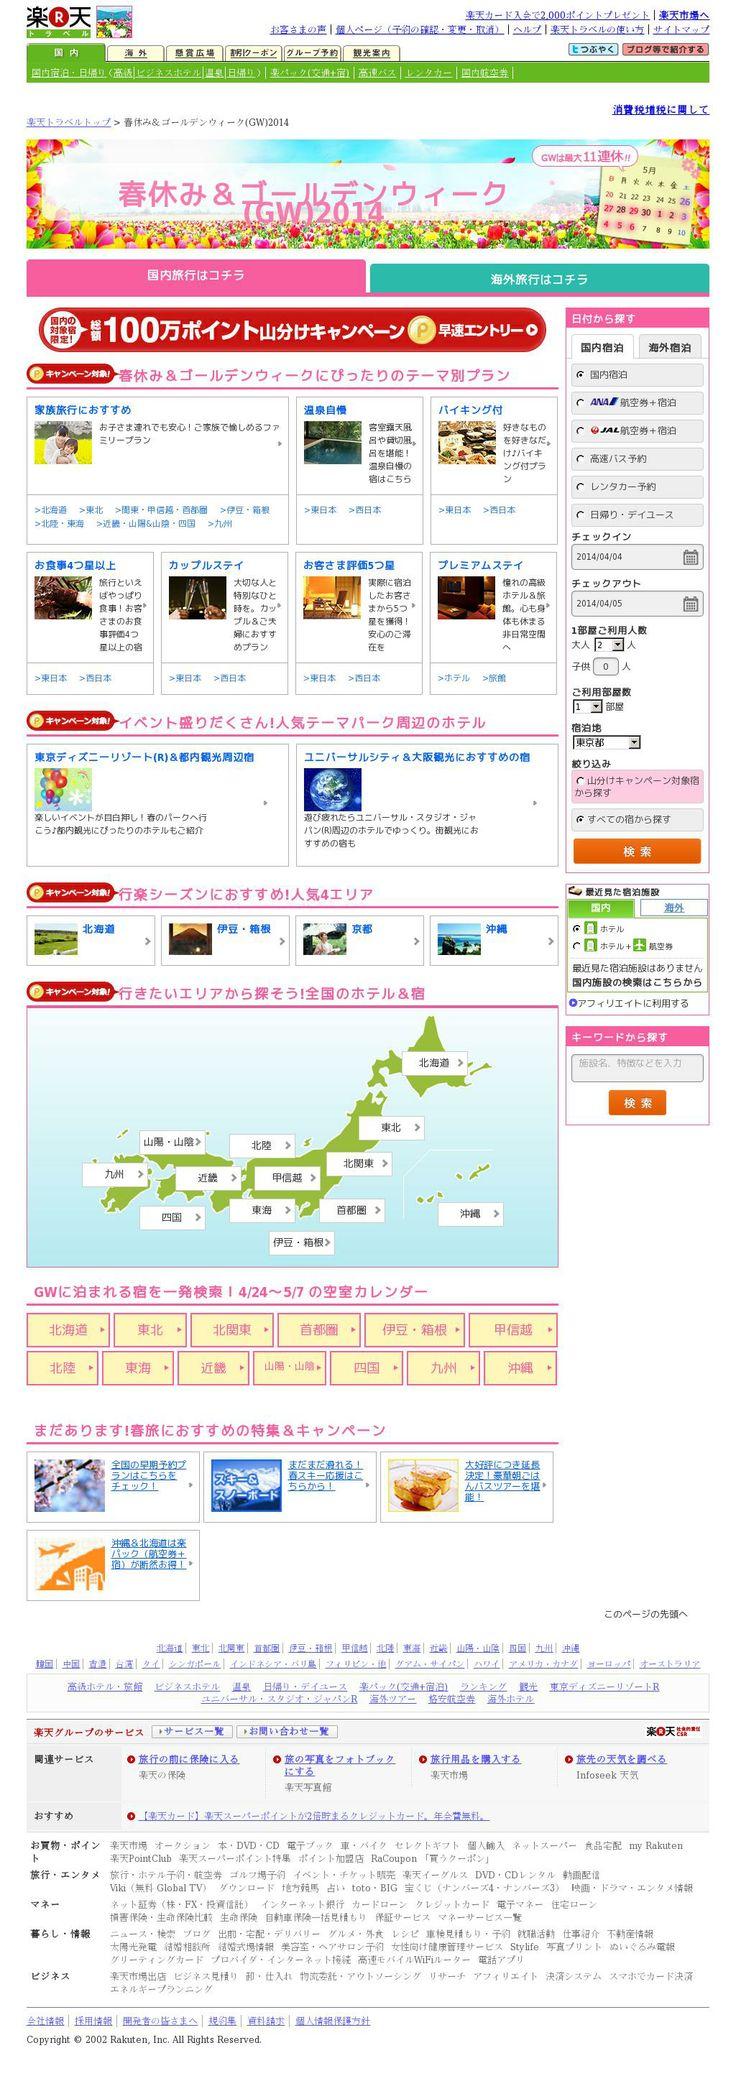 2014/3/3【D】【大型特集】春休み&GW特集2014